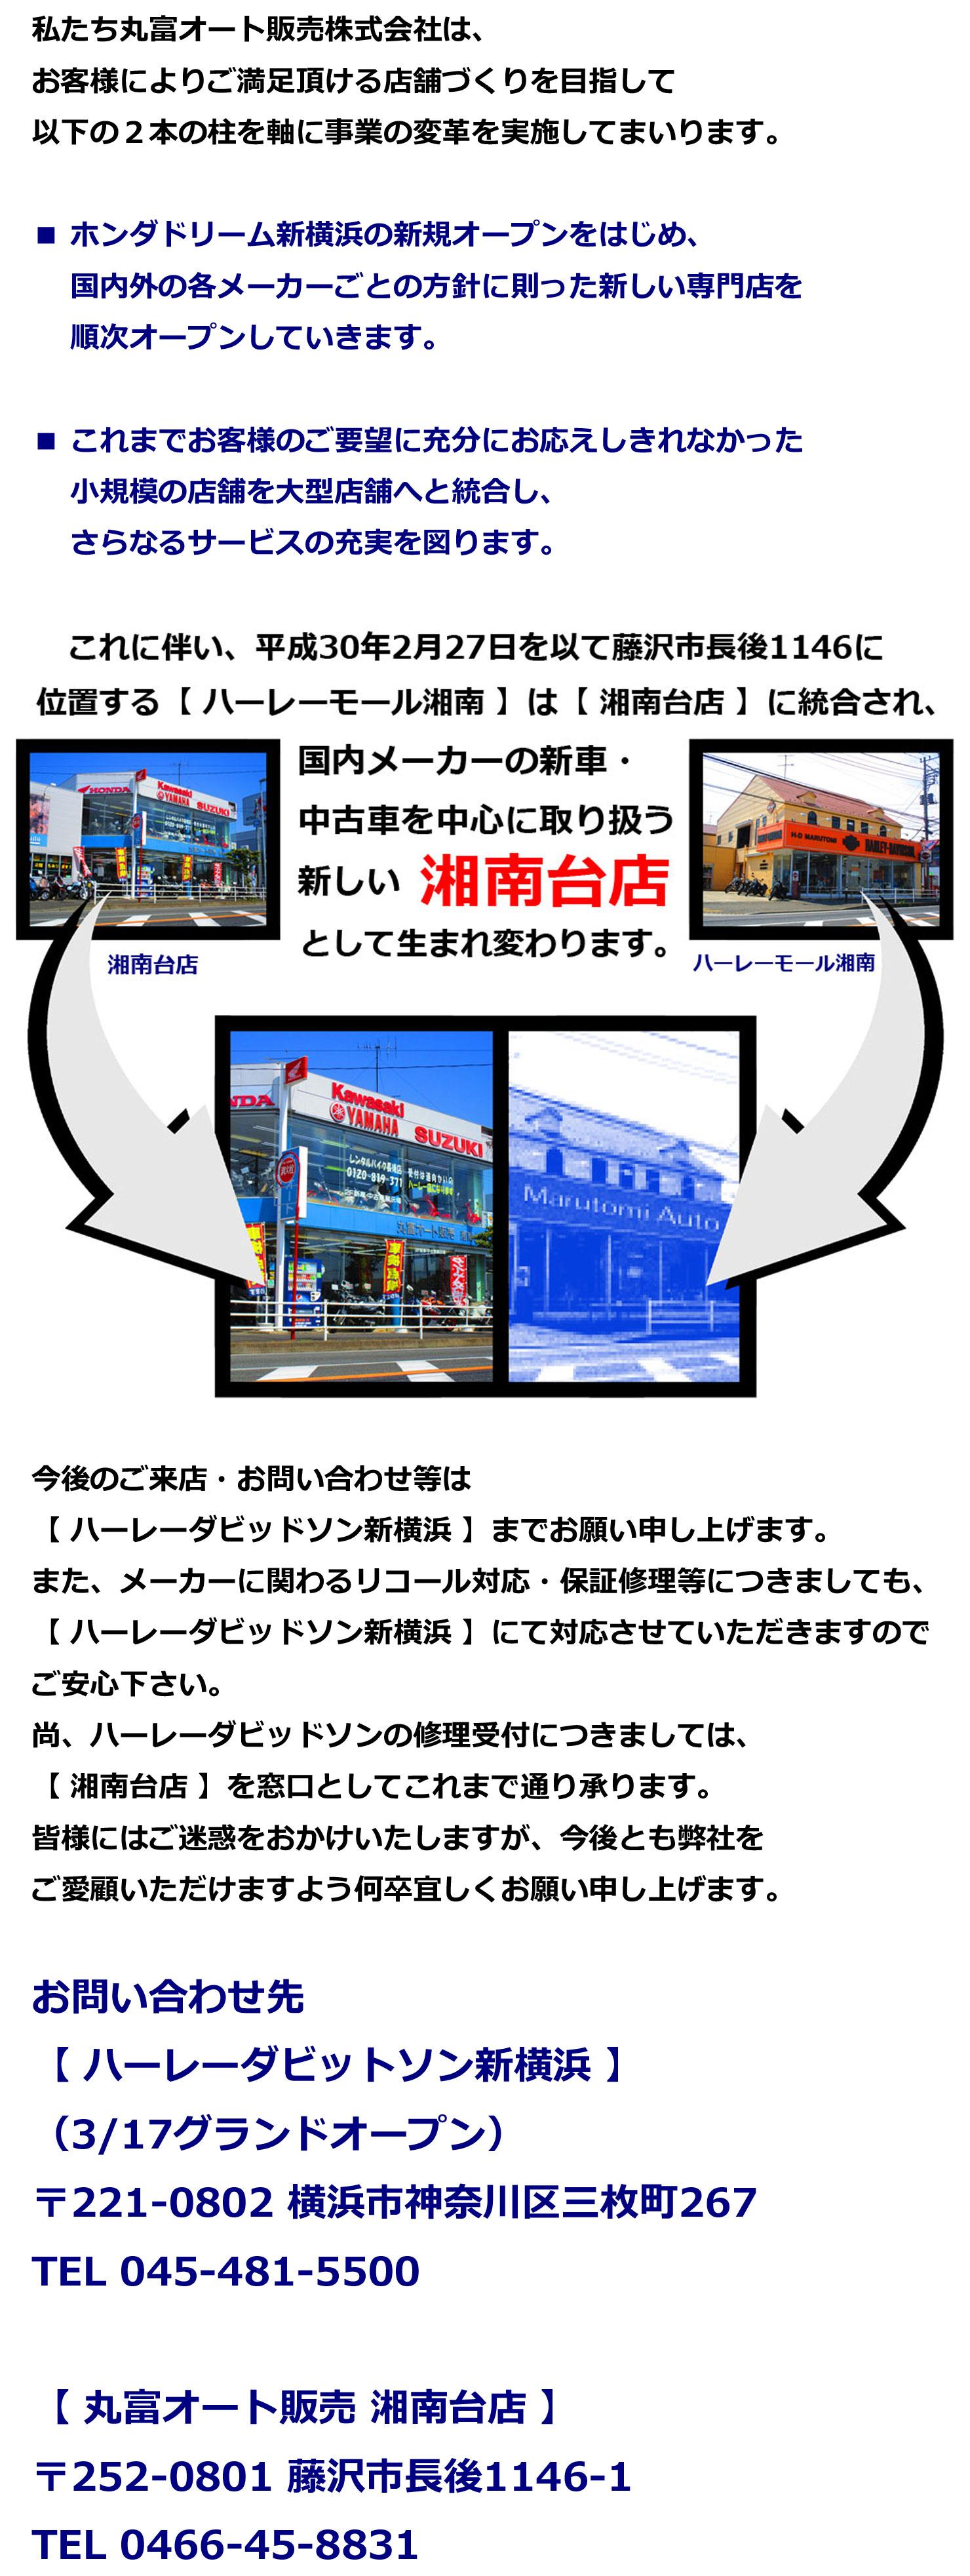 【 ハーレーモール湘南 】 事業の変革に伴う店舗統合のお知らせ